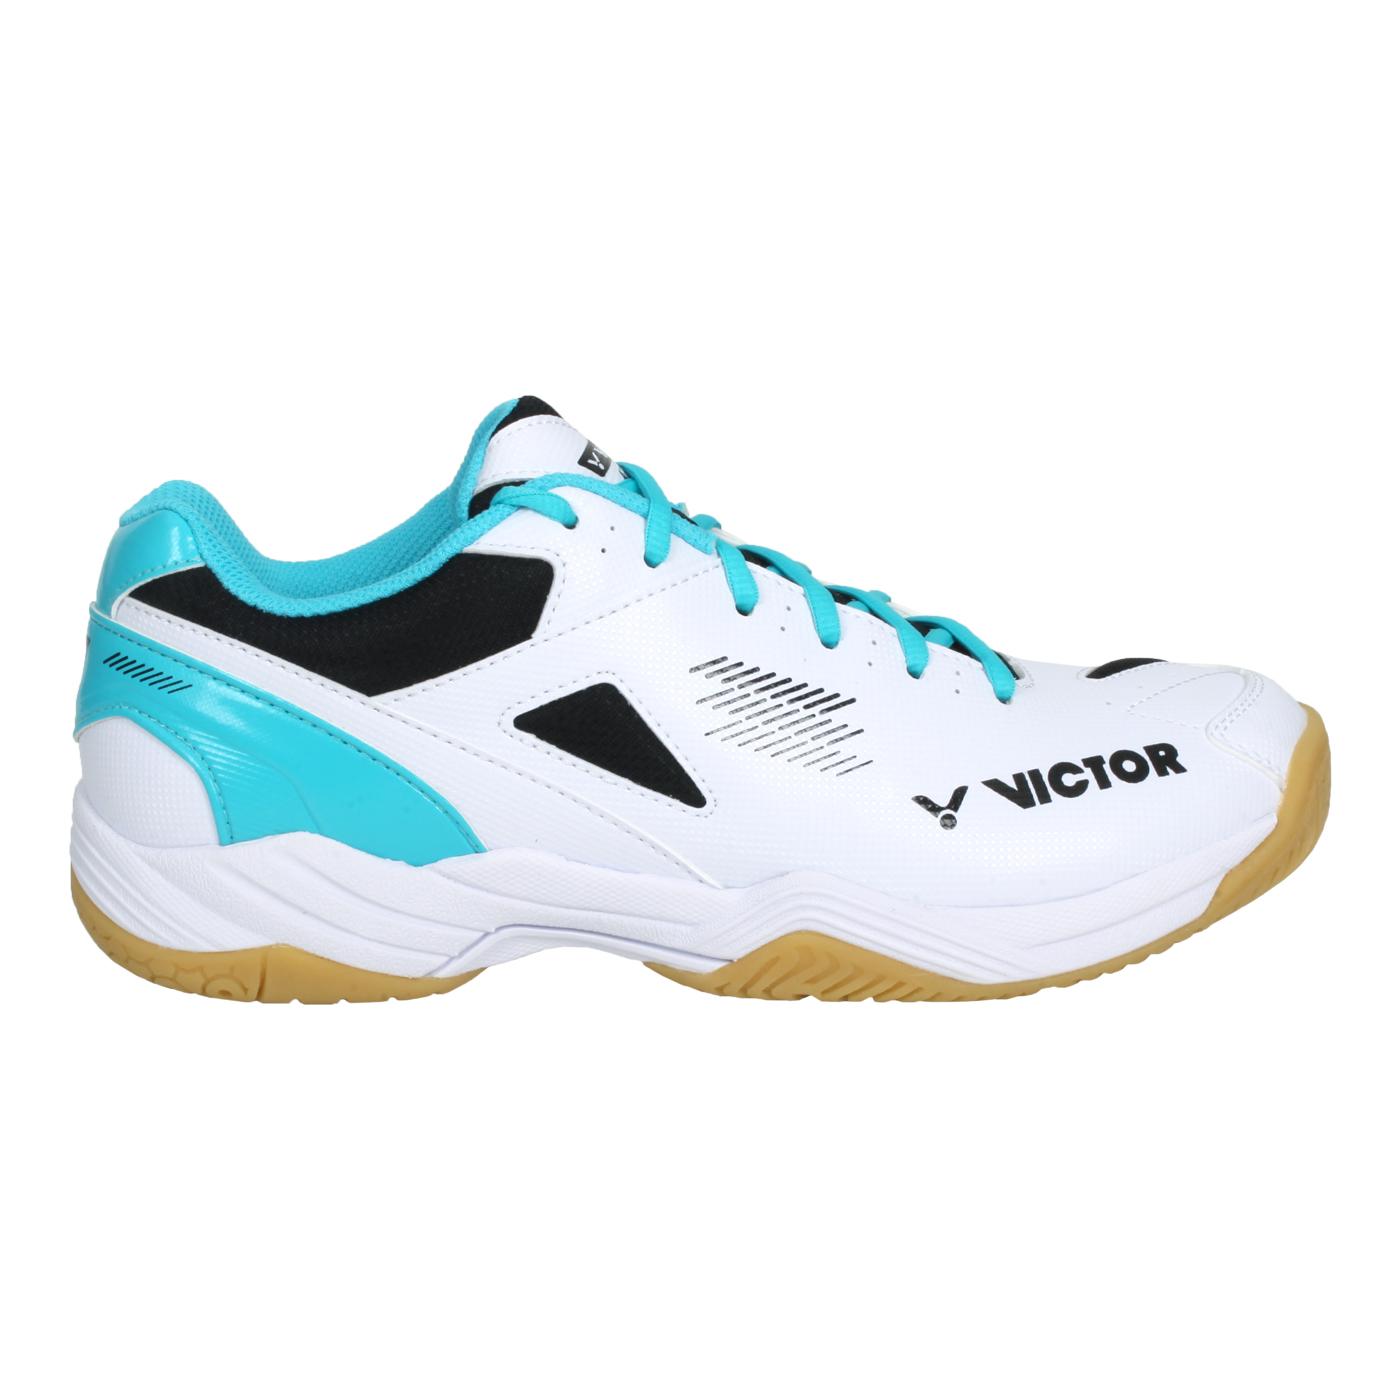 VICTOR 男女羽球鞋 A171-AM - 白黑湖水綠